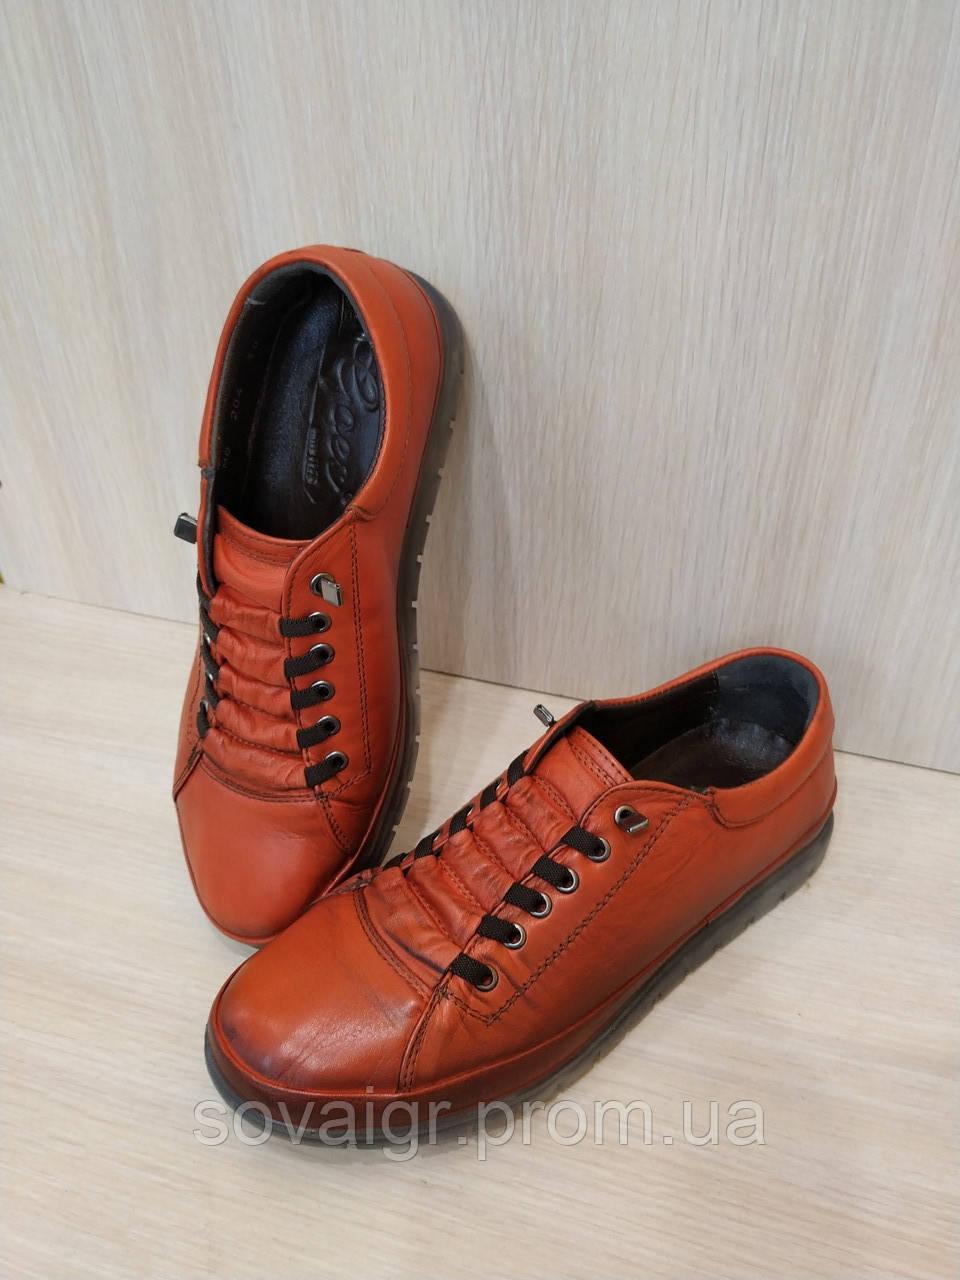 Детские кожаные кроссовки для девочек красные G-Style